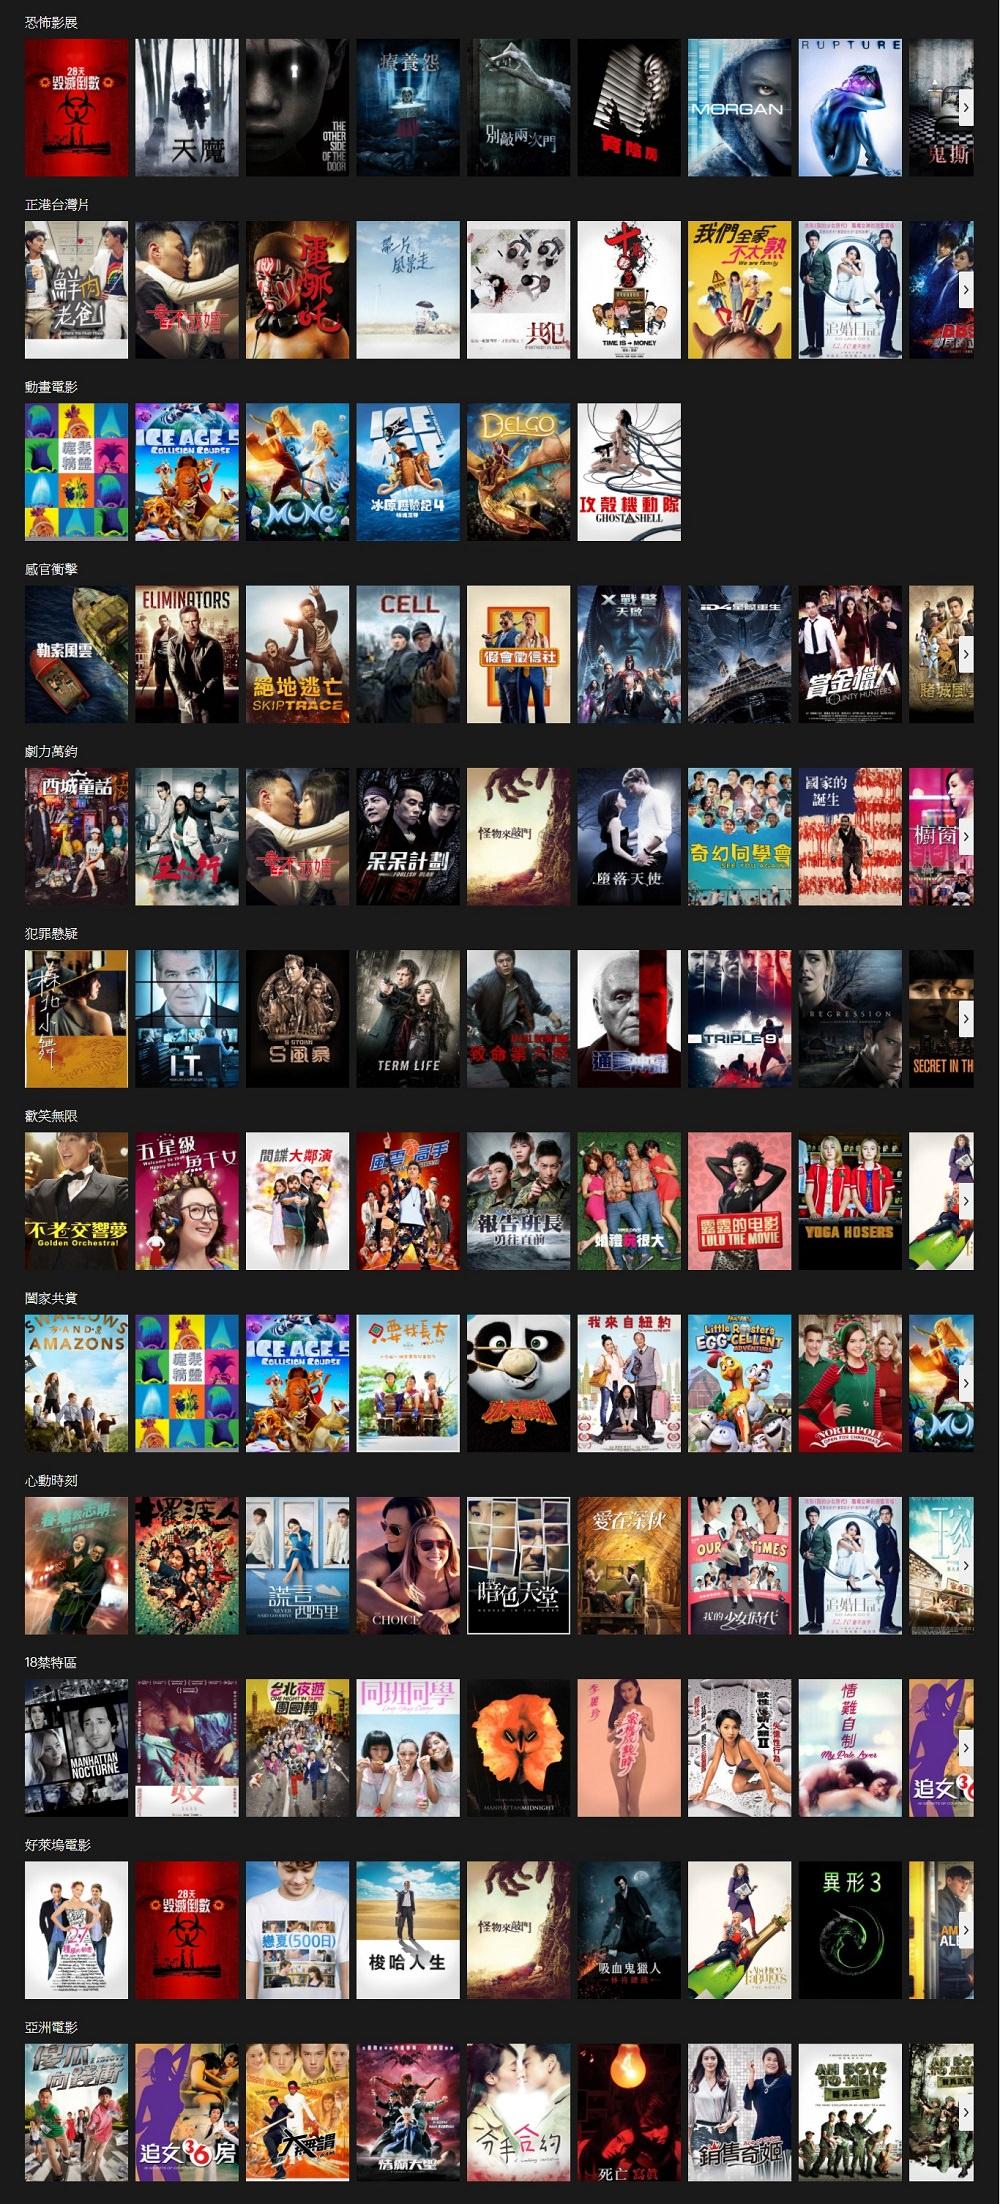 FOX+線上串流影音開臺囉,[費用及優惠整理],美劇,電影線上看到飽。 - 天生極客